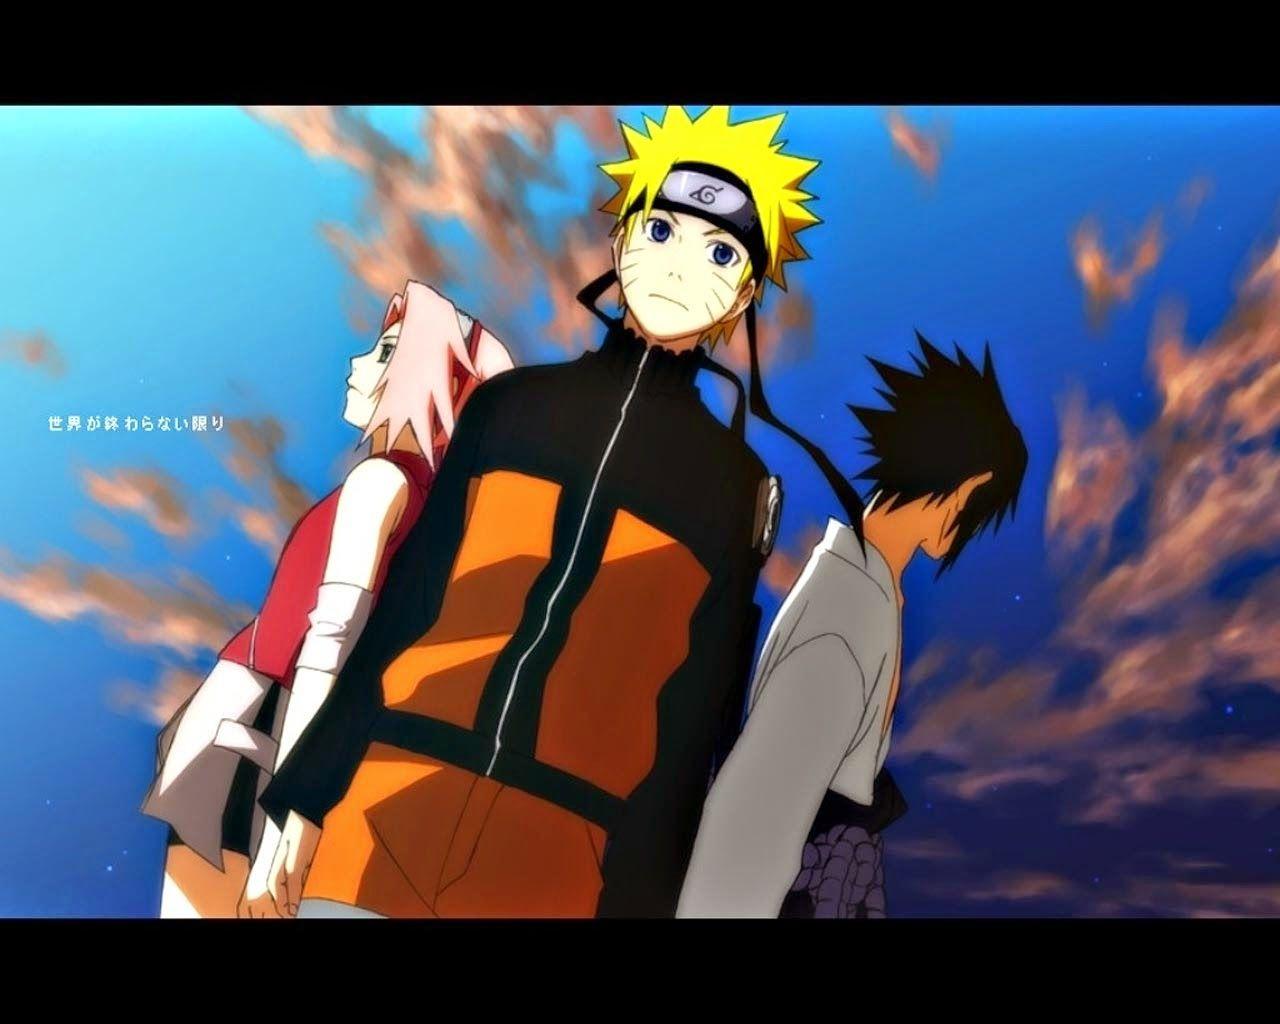 Naruto Live Wallpaper for PC